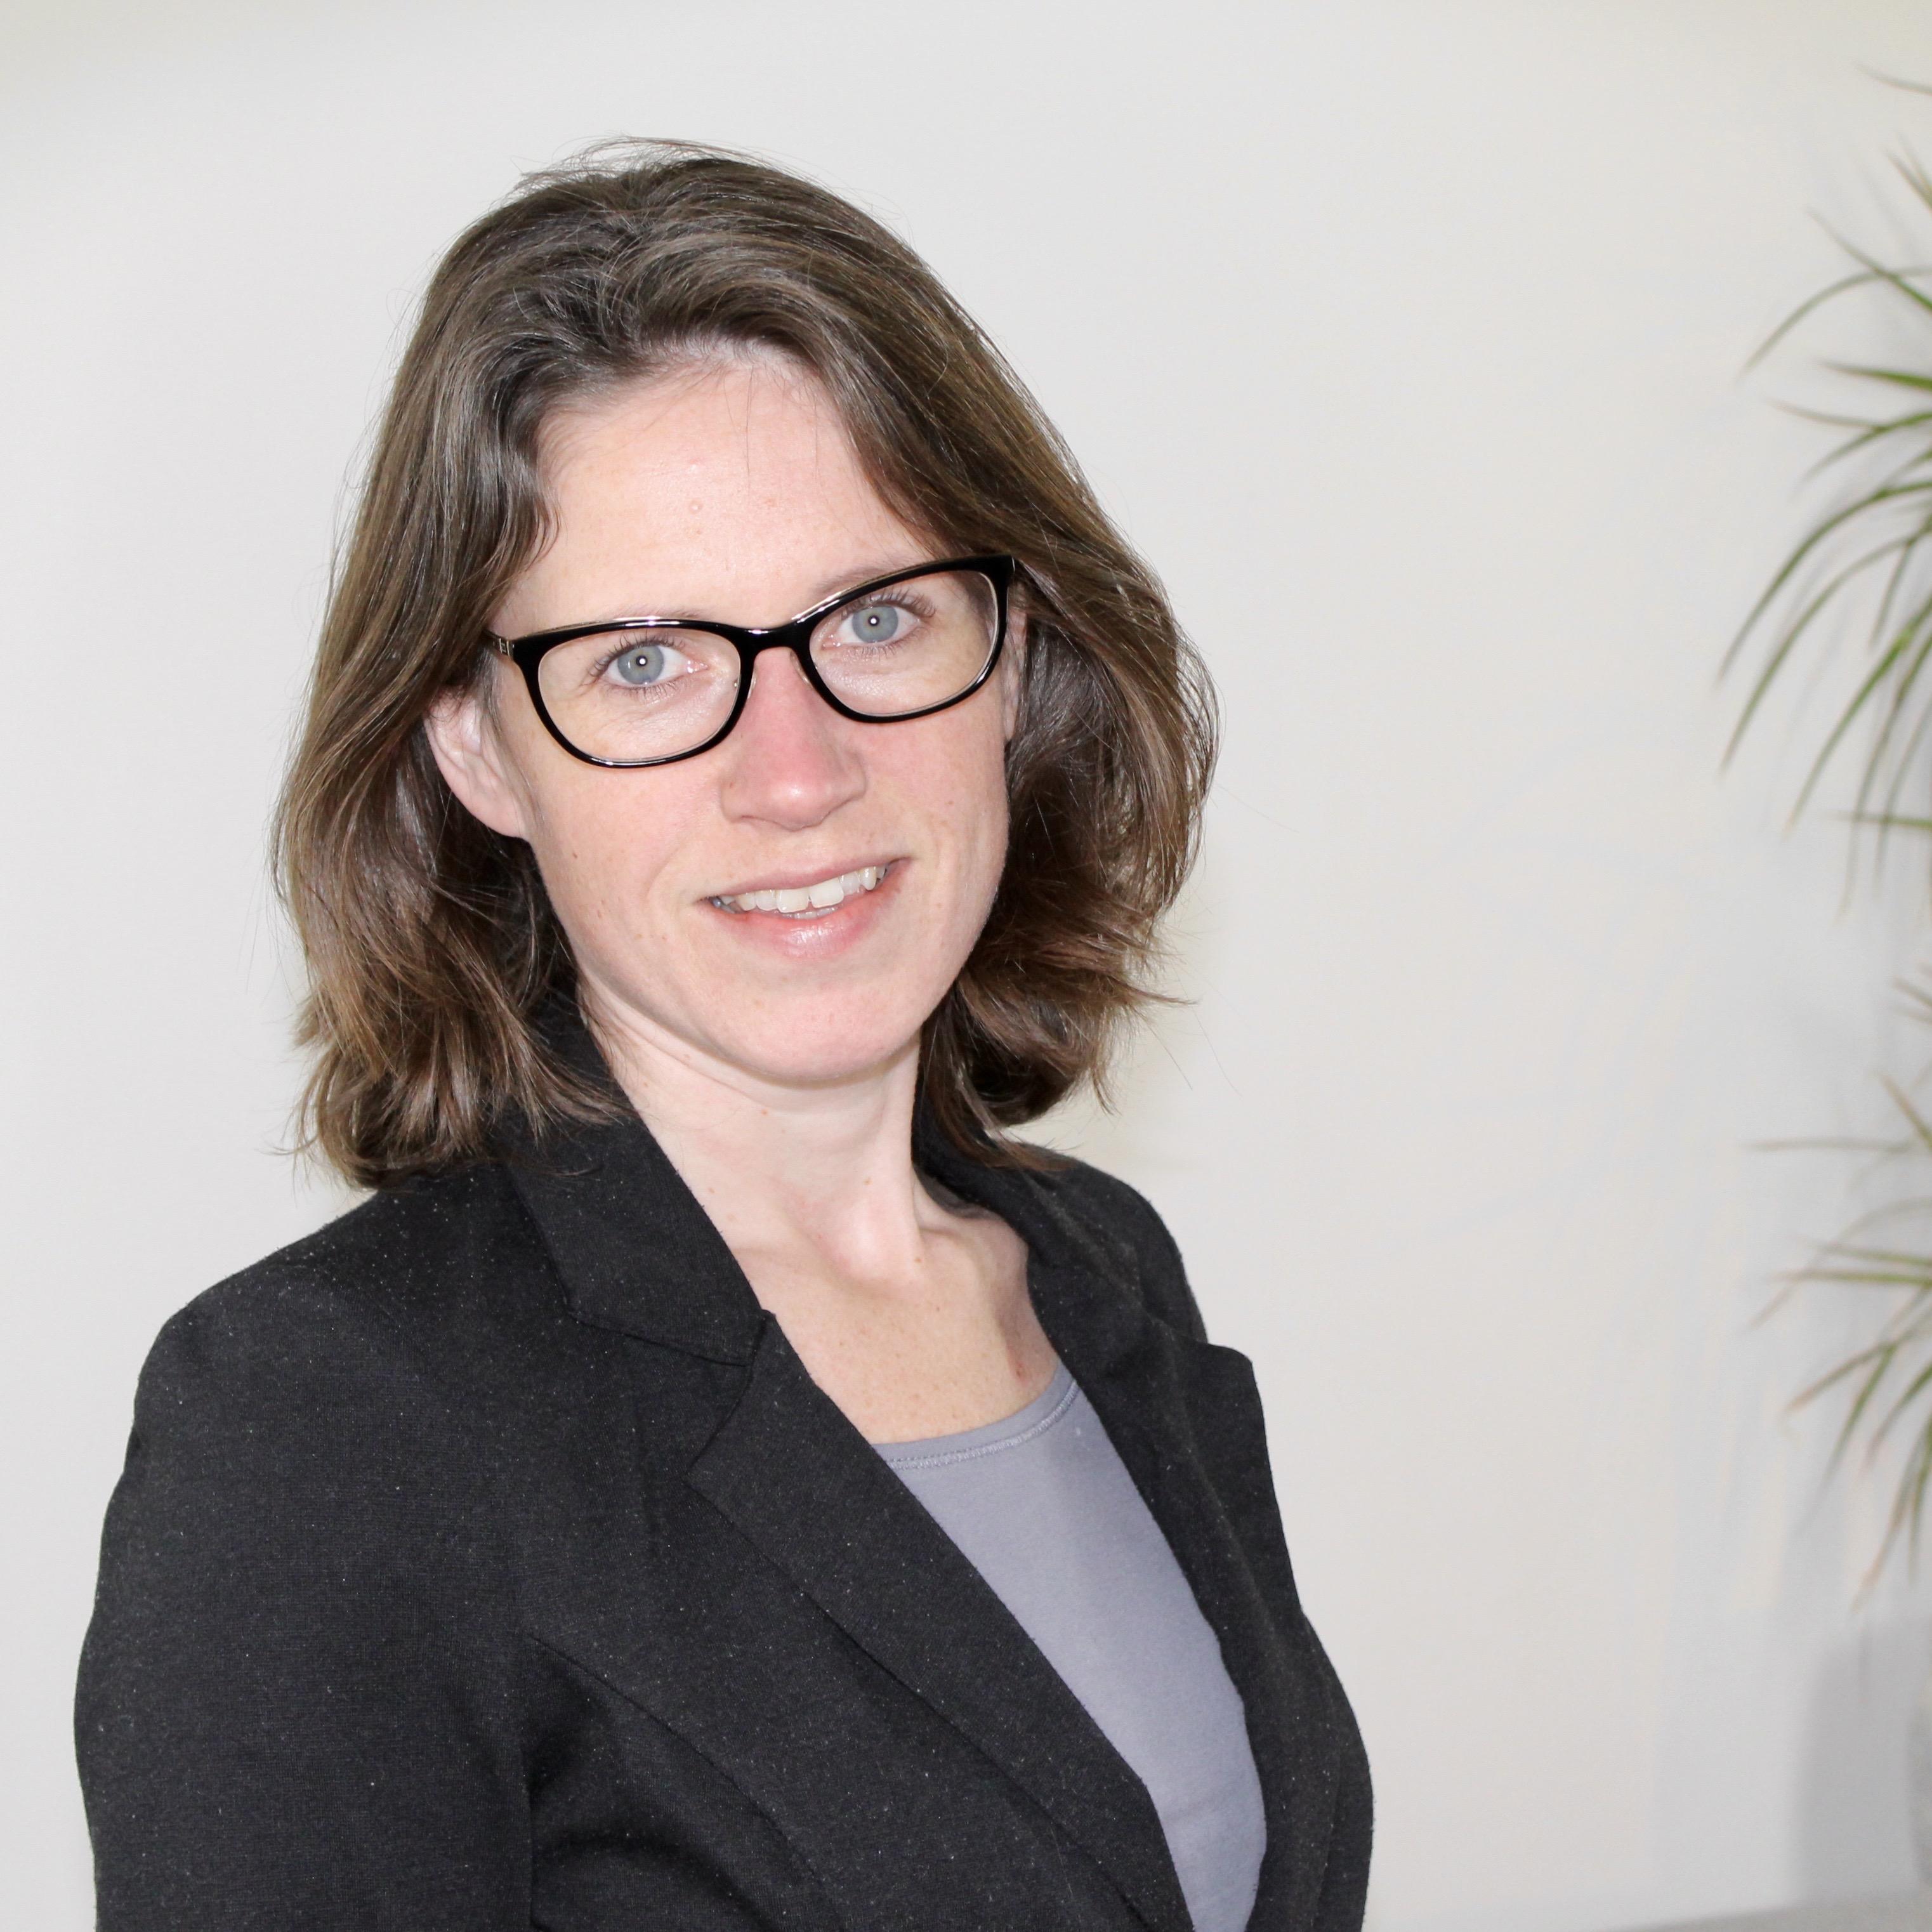 Inge Van Strien